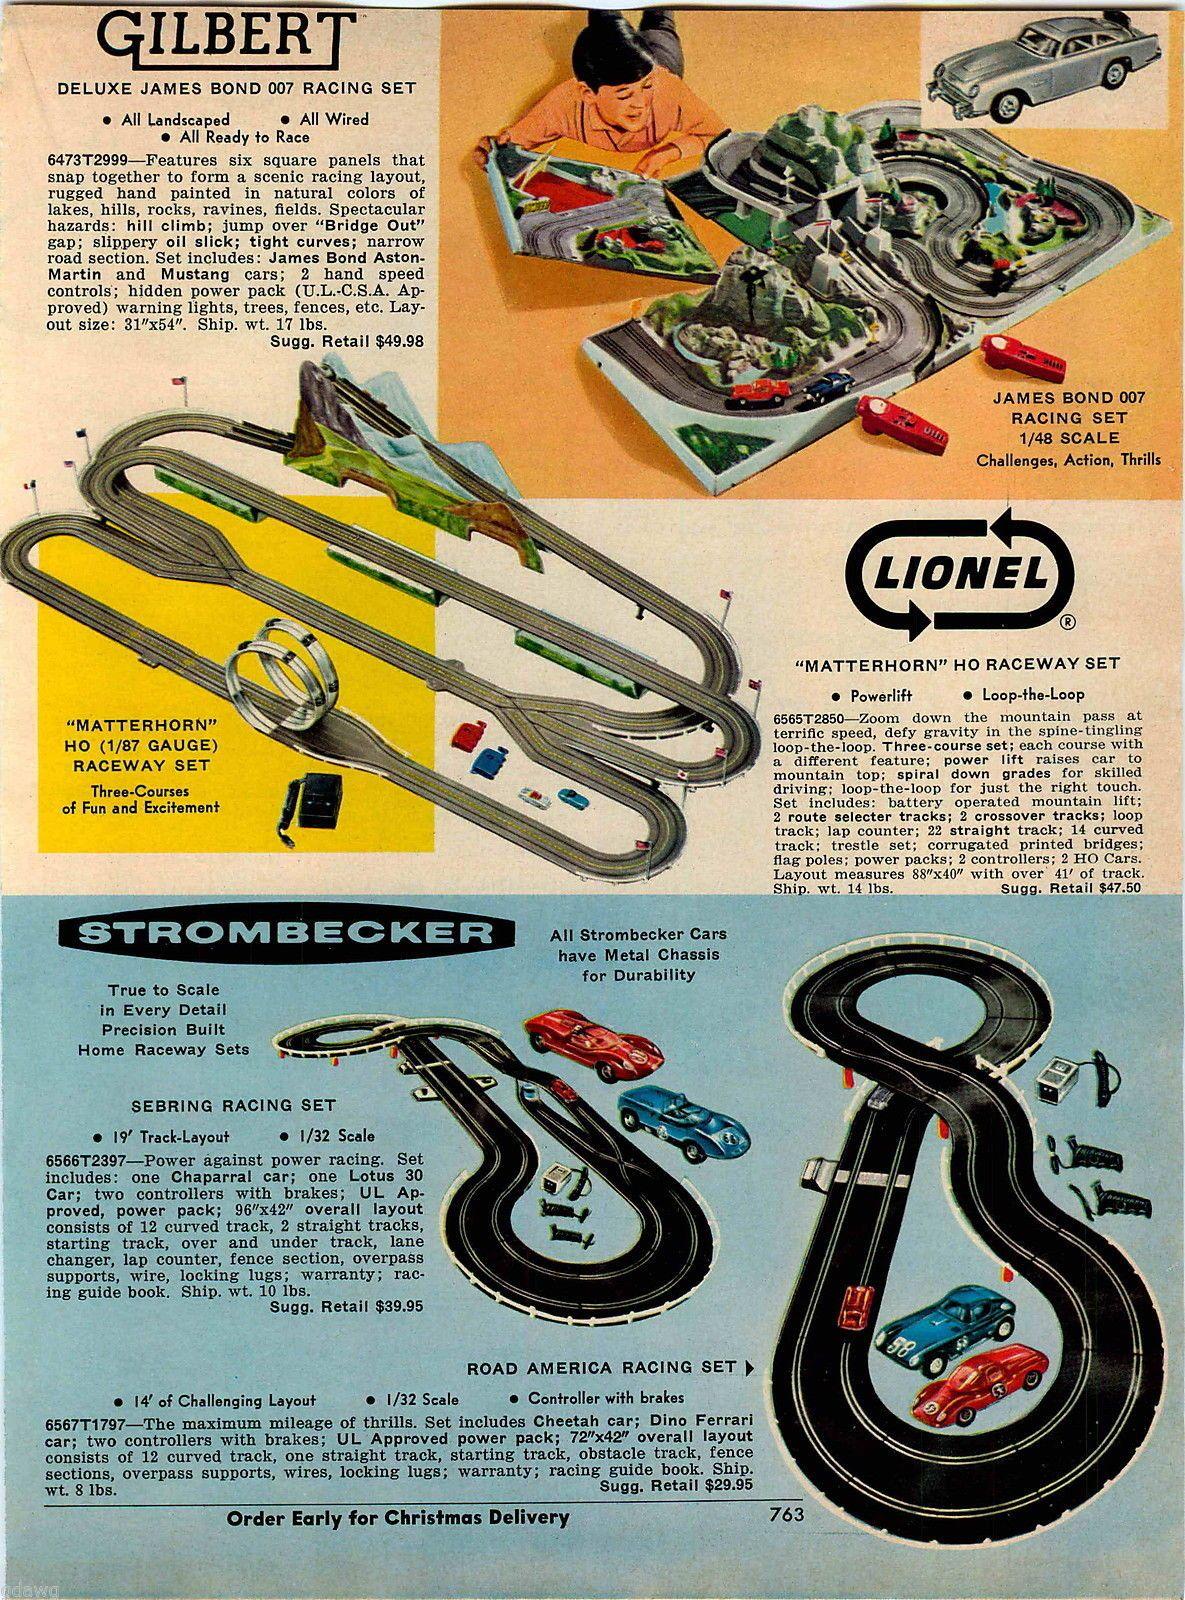 1967 ADVERT Gilbert James Bond 007 Lionel Strombecker Race Car ...